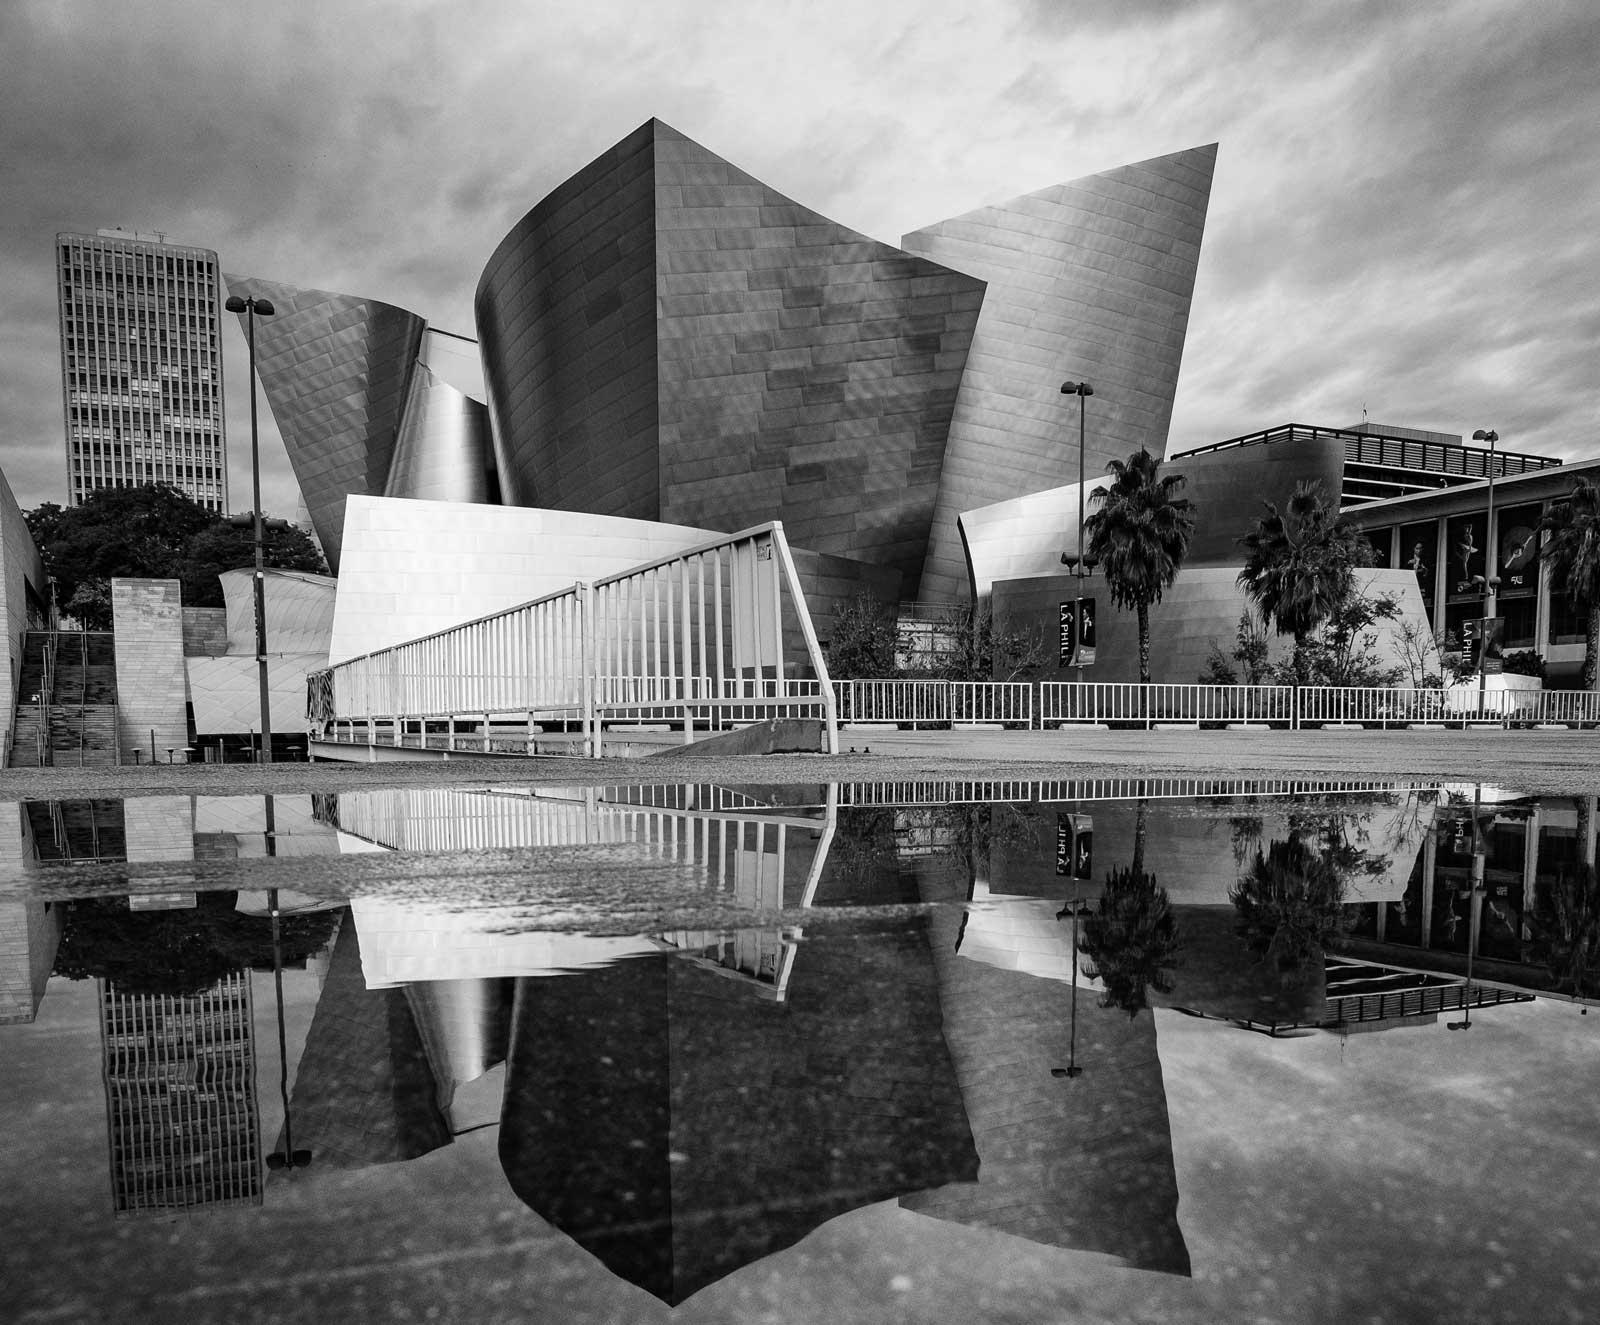 Walt Disney Concert Hall by Frank Gehry. Photo by Matt McK